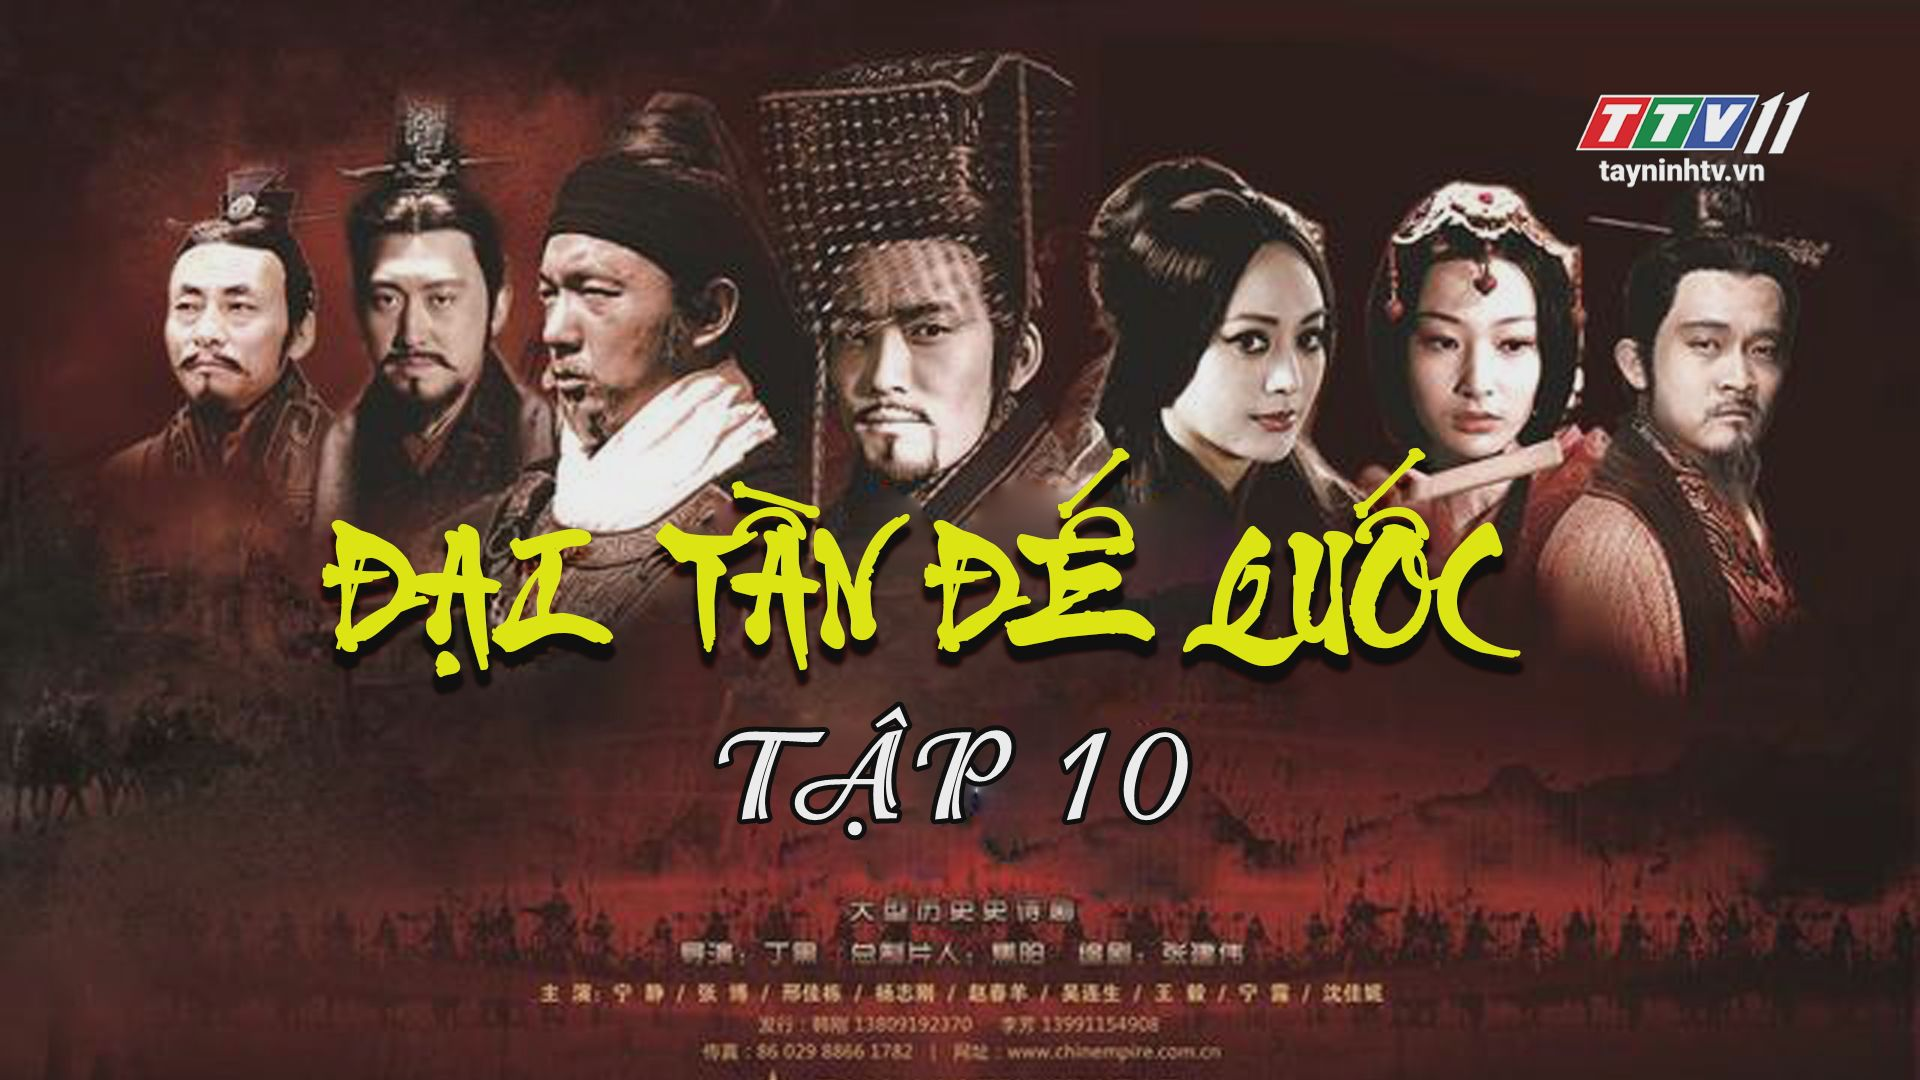 Tập 10 | ĐẠI TẦN ĐẾ QUỐC - Phần 3 | TayNinhTV